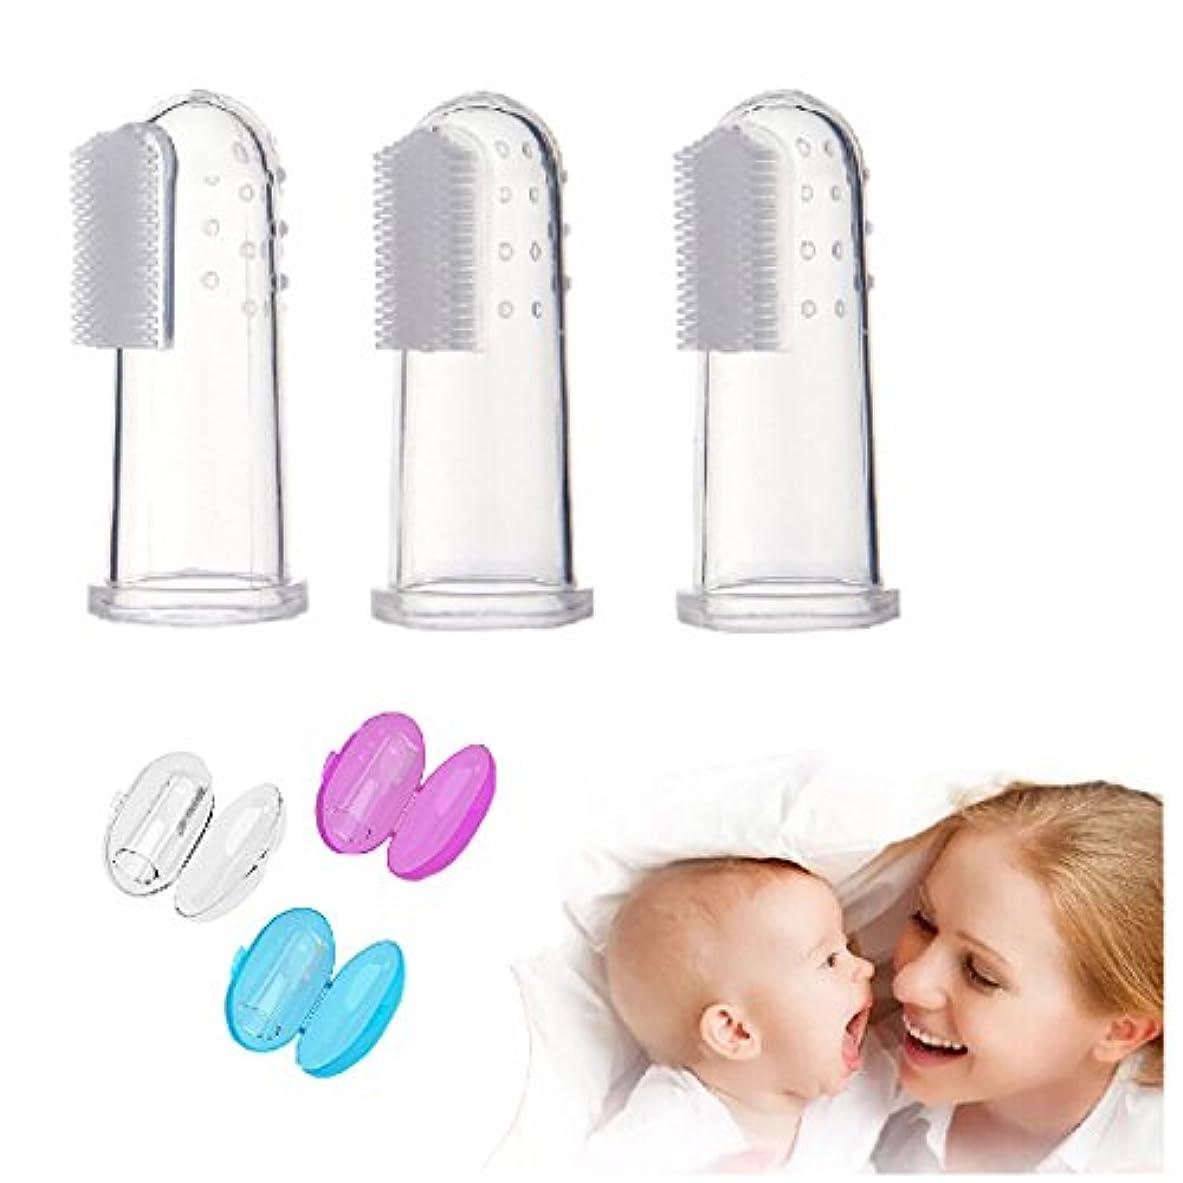 うん何でも磨かれた赤ちゃんの指の歯ブラシ3セット食品グレードシリコーン指歯ブラシケース付き歯ブラシティーザーとオーラルマッサージャー用赤ちゃん&幼児